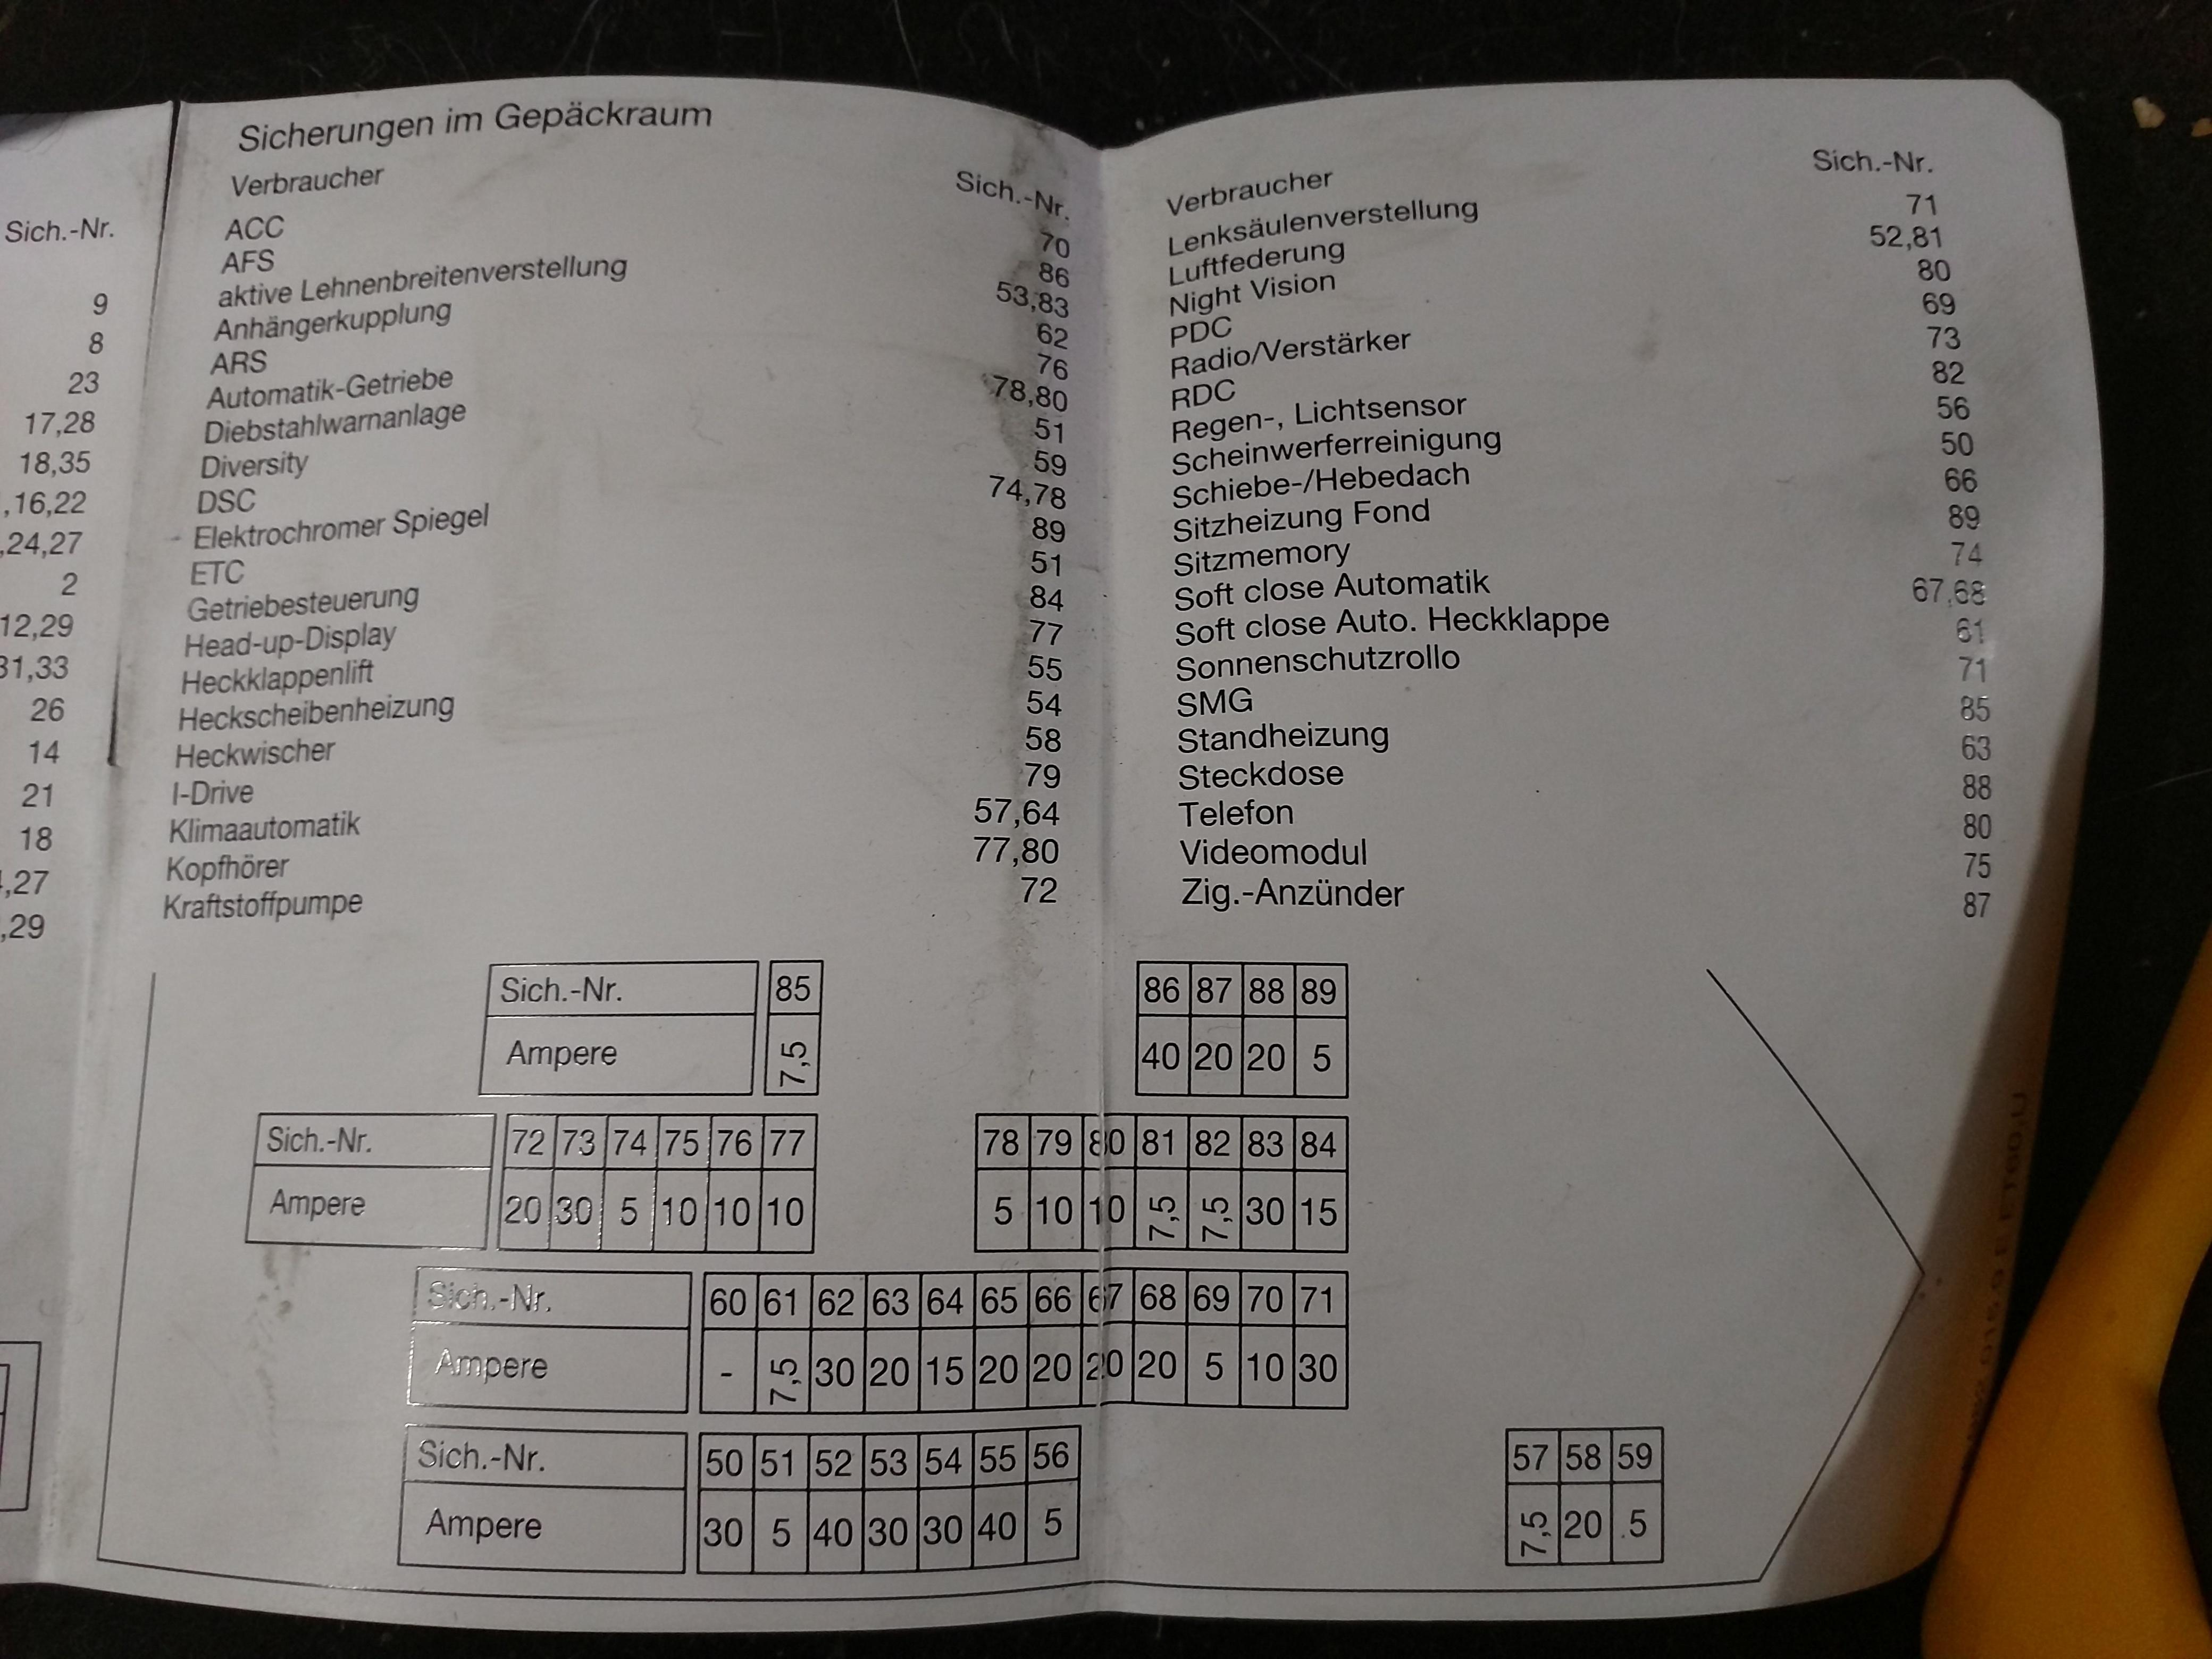 Sicherungkarte / Sicherungsbelegung - E61 VFL BJ 2004 - Elektronik ...